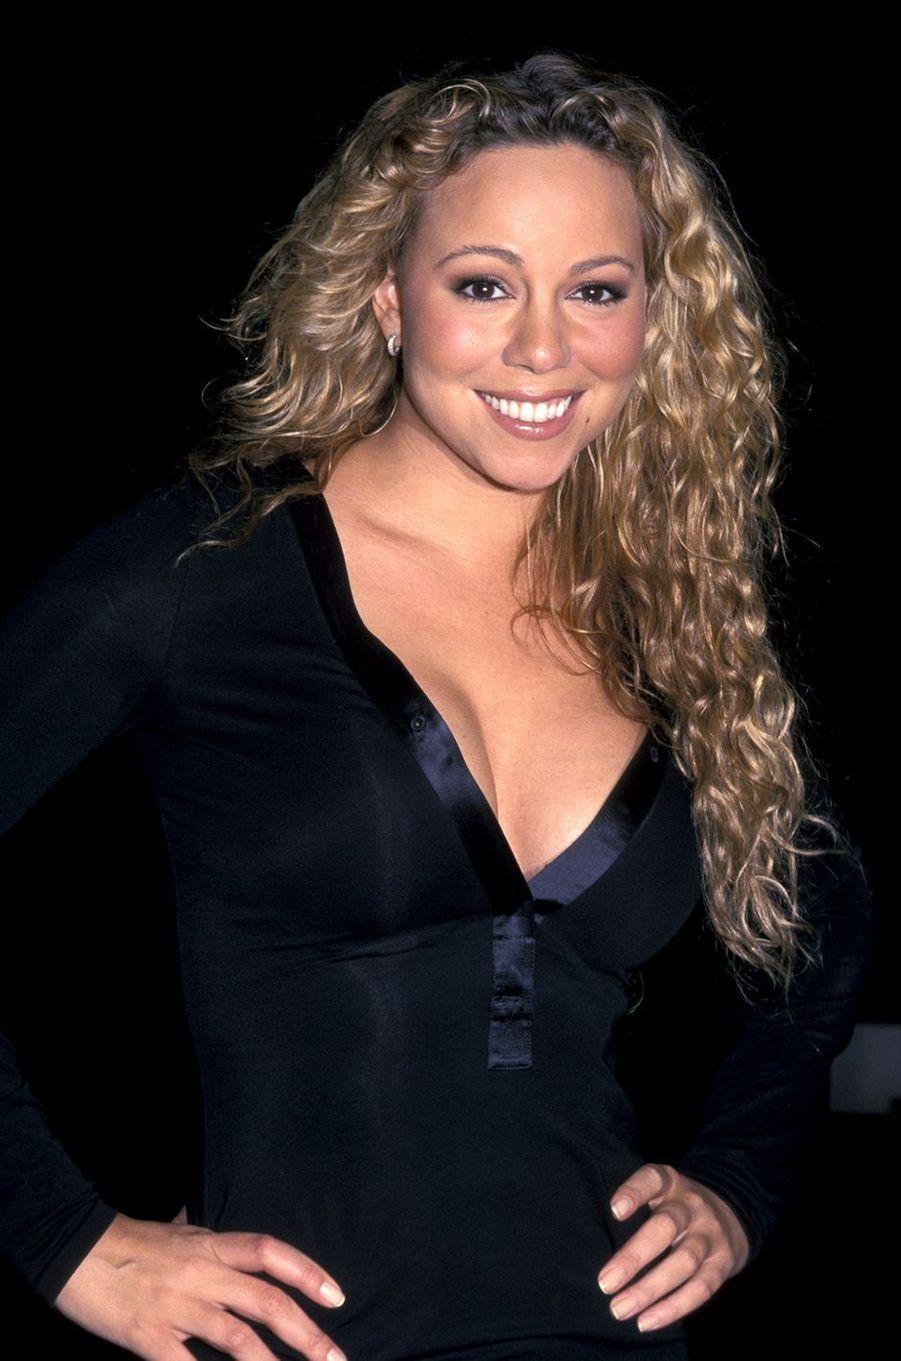 Mariah Carey lors d'une soirée à New York en octobre 2002